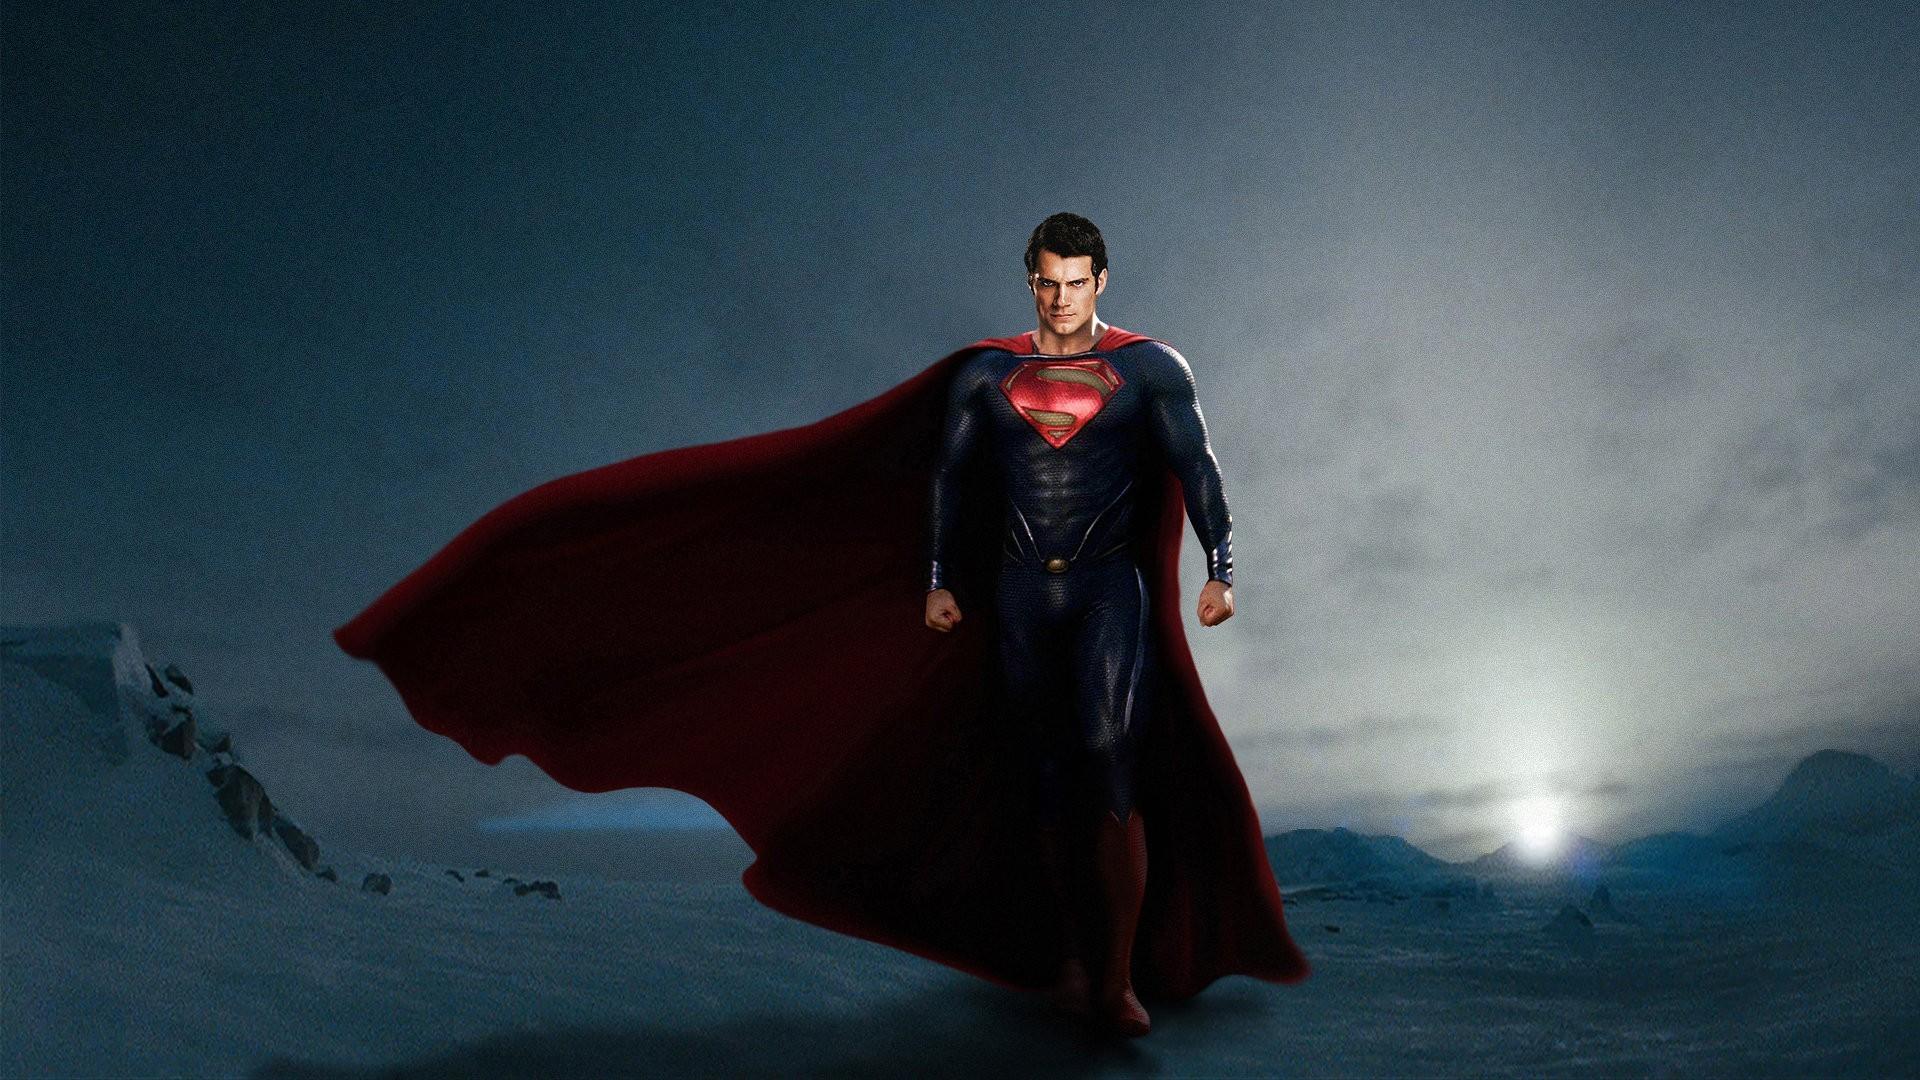 Картинки супермена из кино